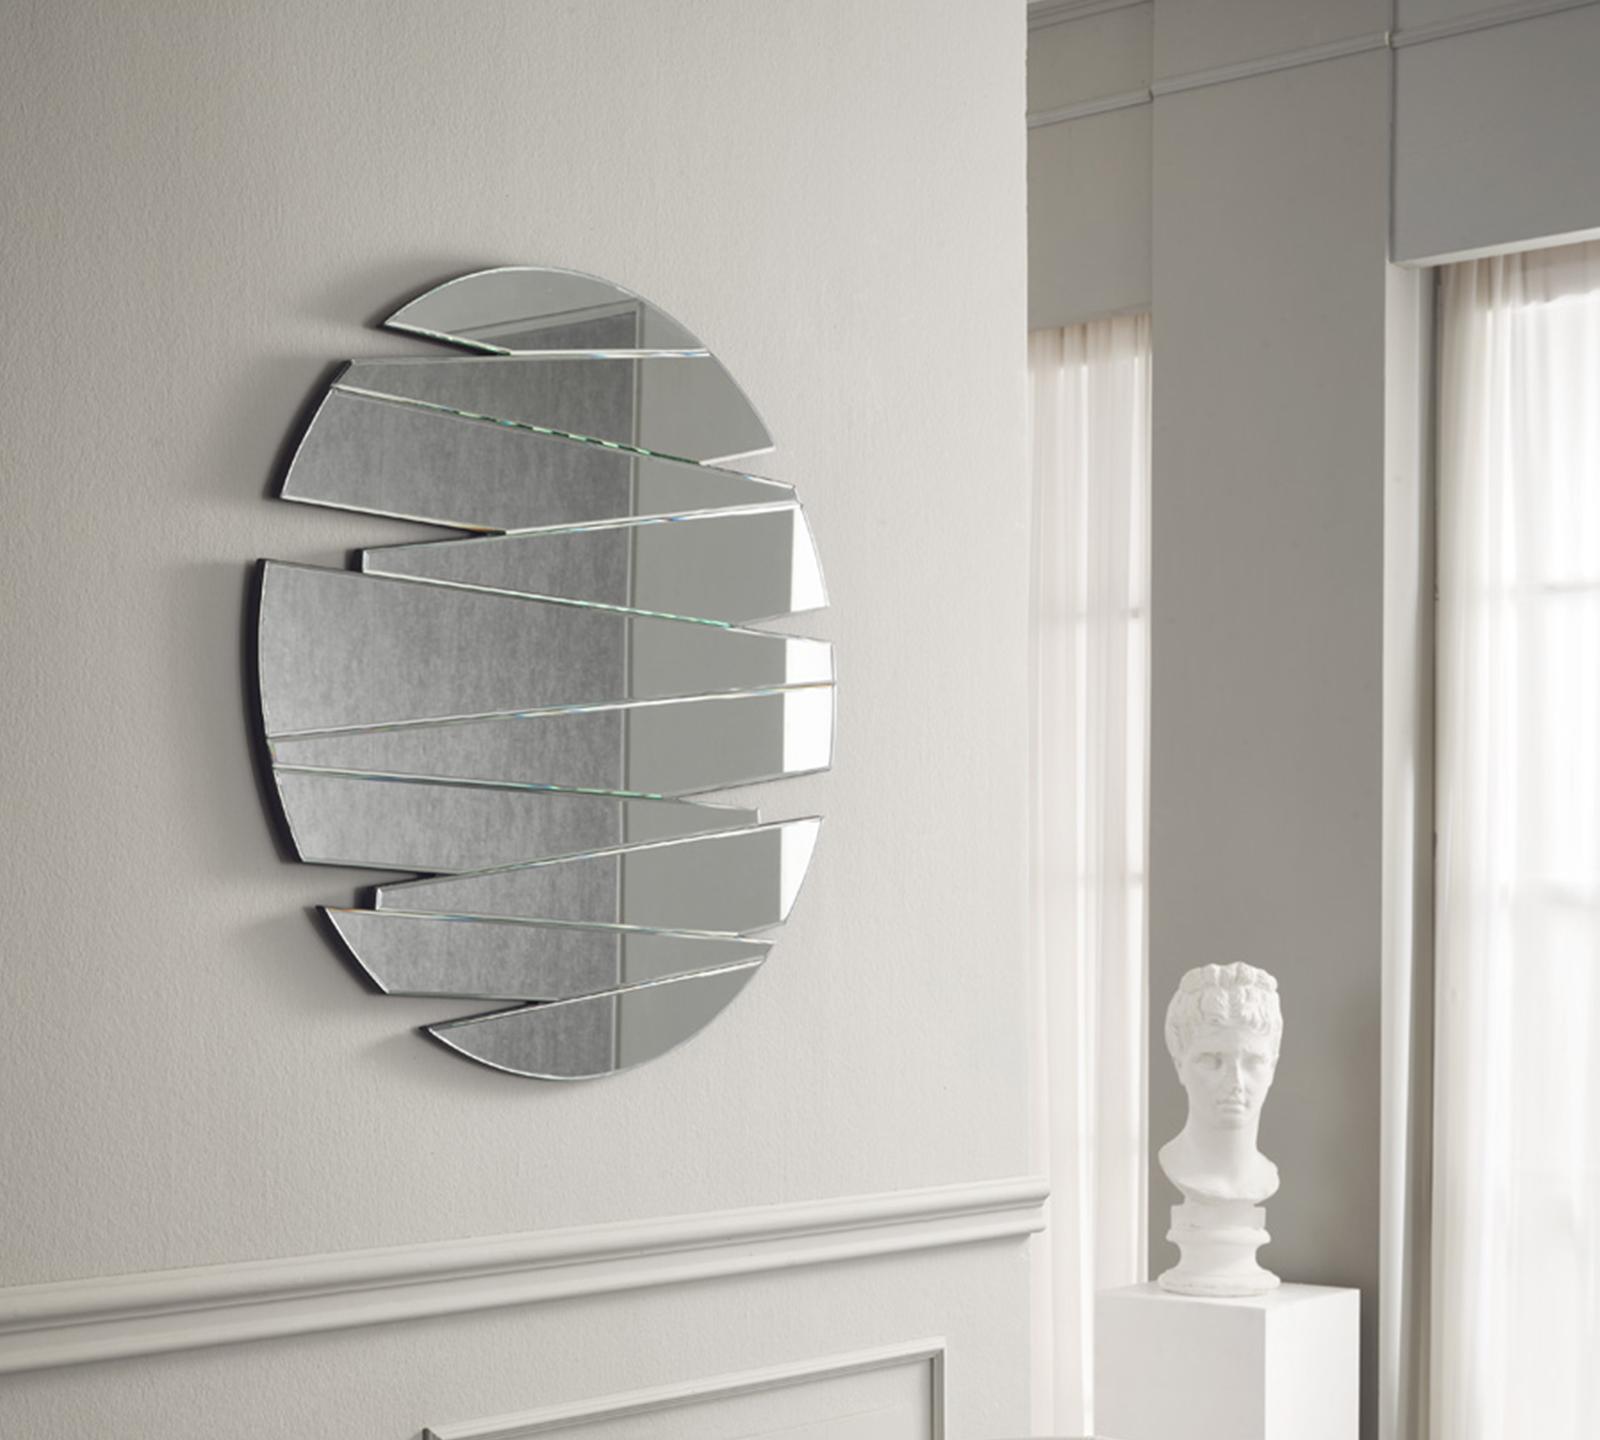 Specchio da arredo arredobagno cleo da cm mobile bianco for Specchi arredo